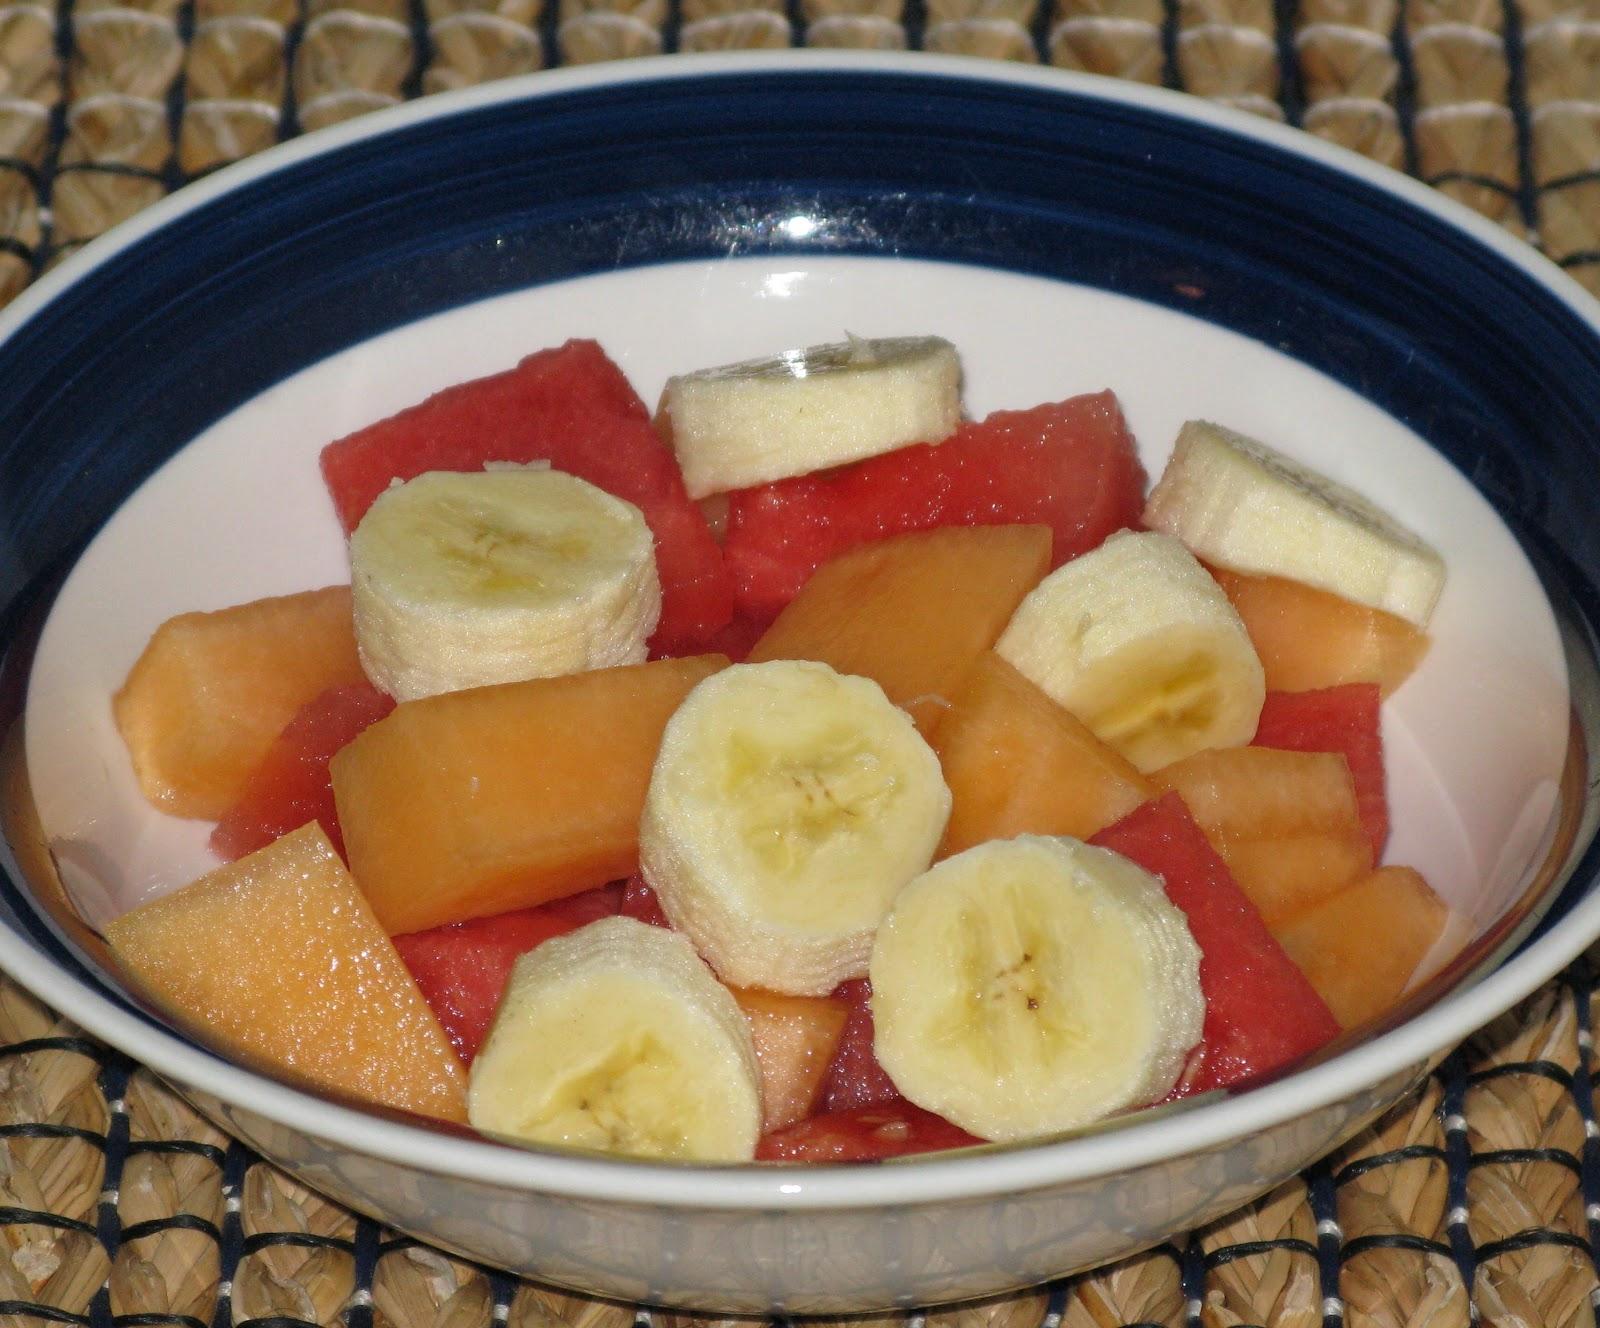 Cocina y recetas de venezuela en la casita de maribri ensalada de frutas gelatina con ensalada - Como hacer coctel de frutas ...